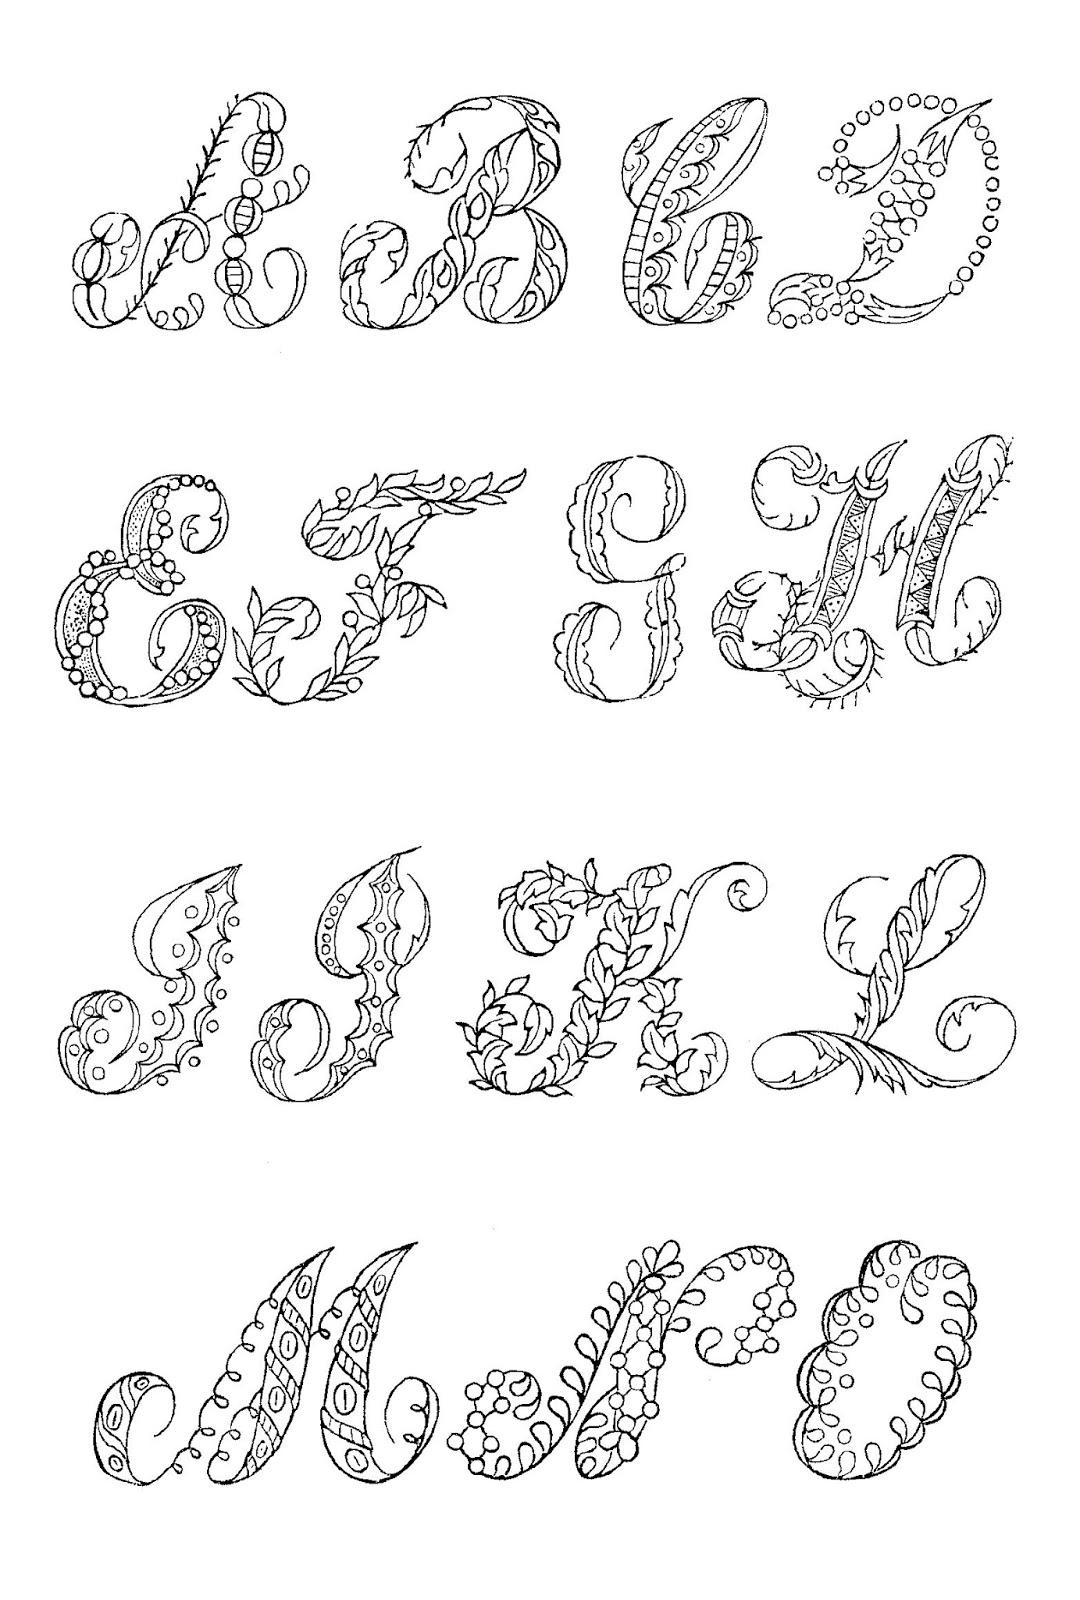 Digital Stamp Design: Royalty Free Font Alphabet Images